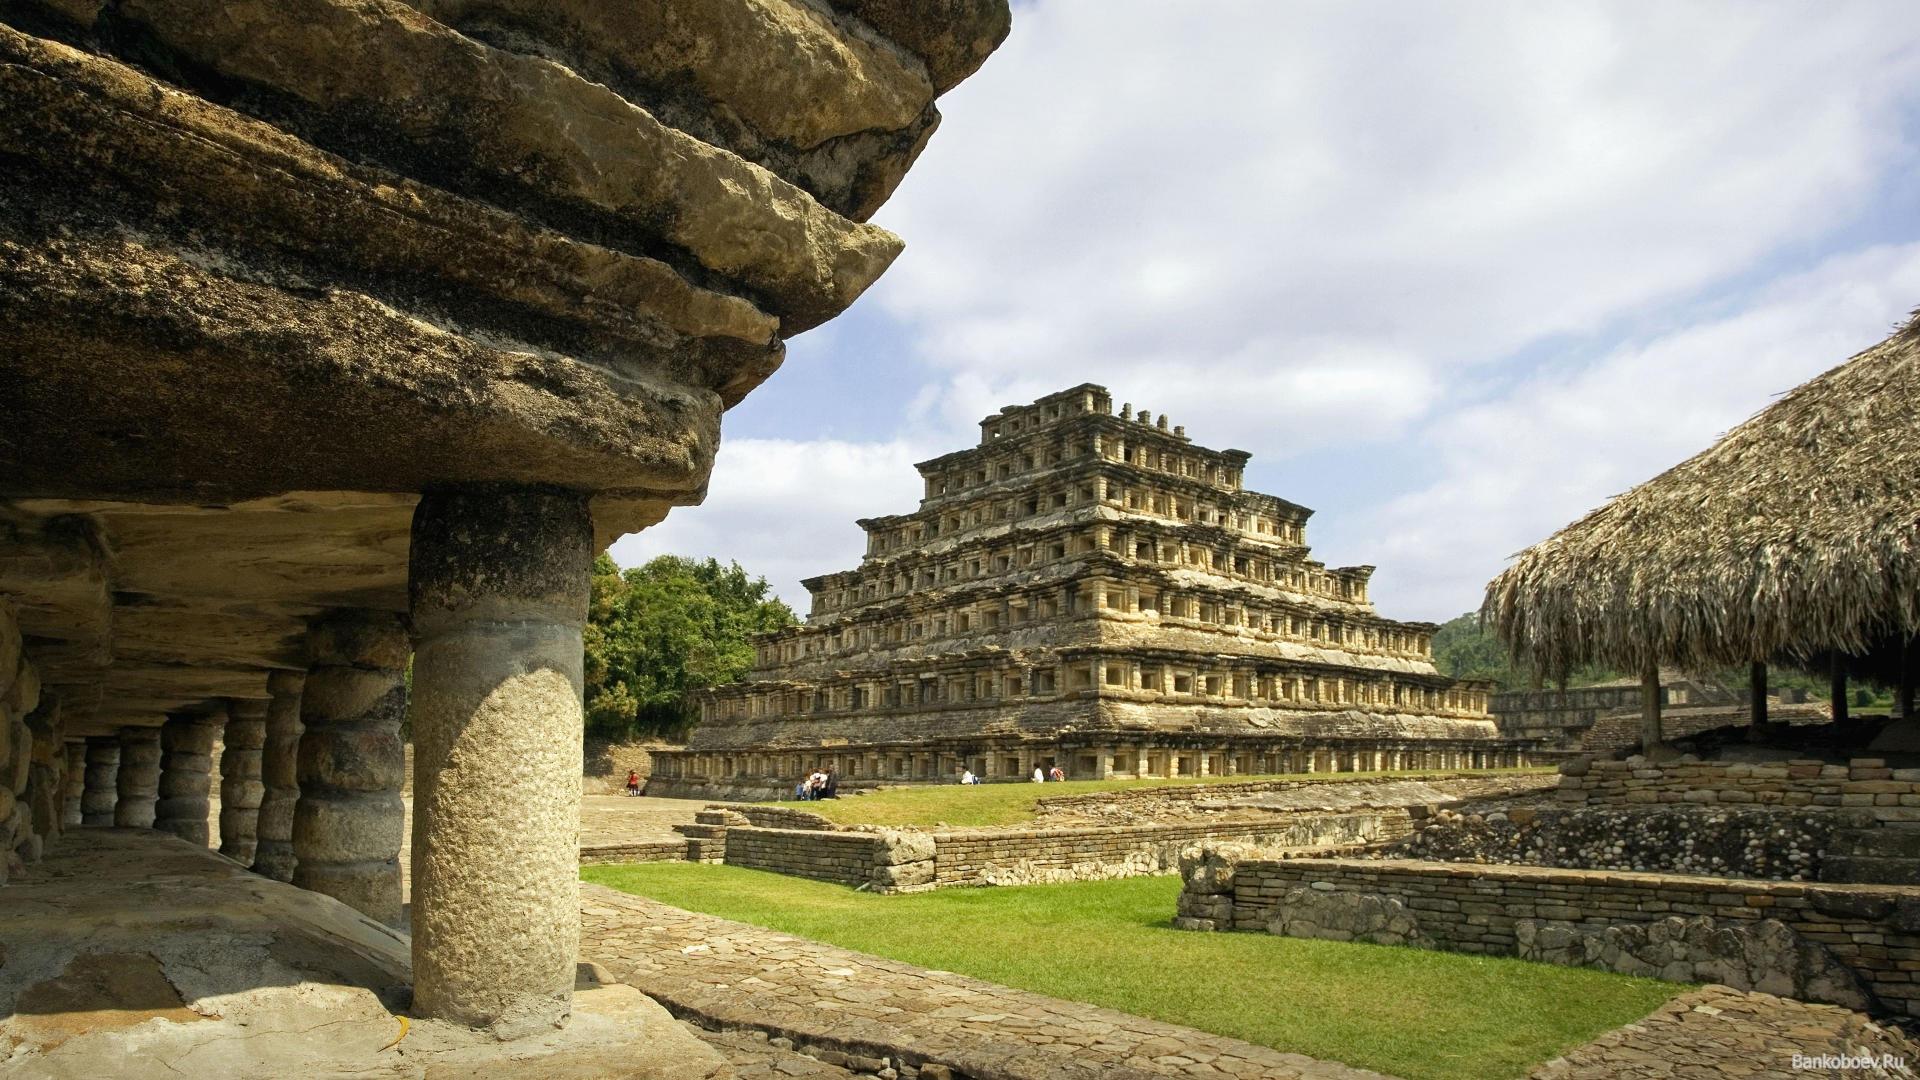 Bankoboev.Ru_el_tajin_ruins_the_nichos_pyramid_mexico